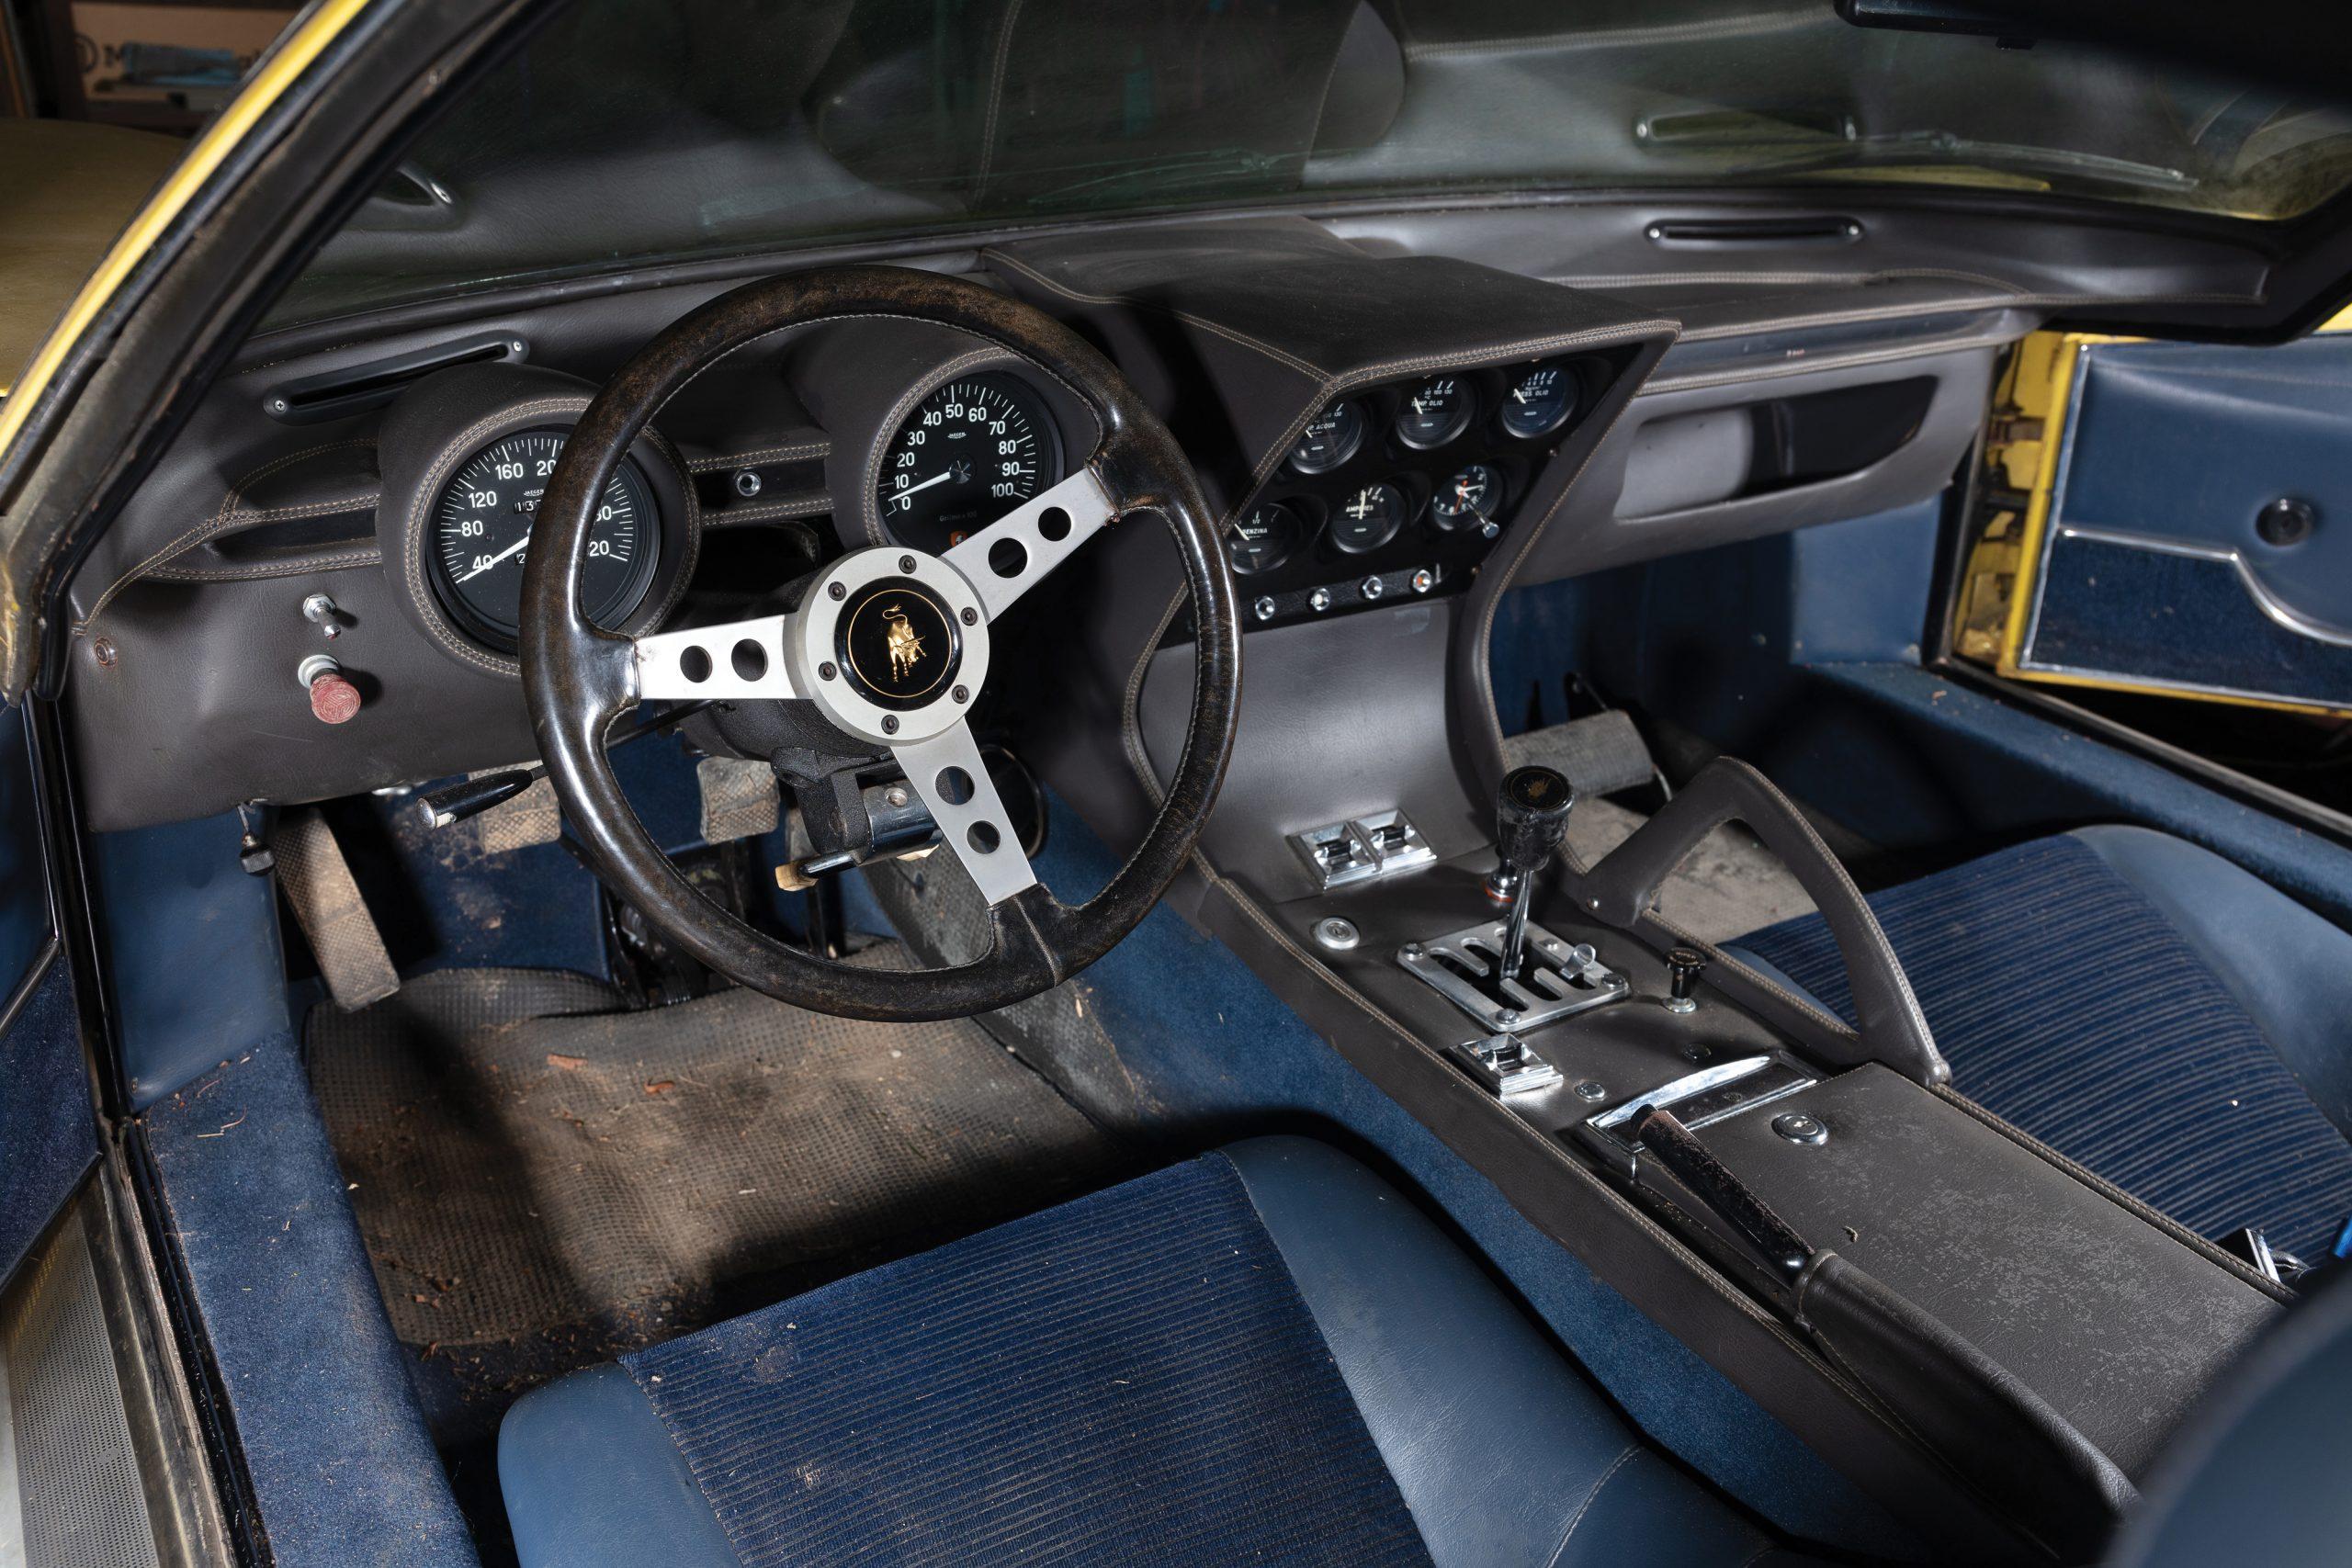 1969 Lamborghini Miura P400 S barn find interior